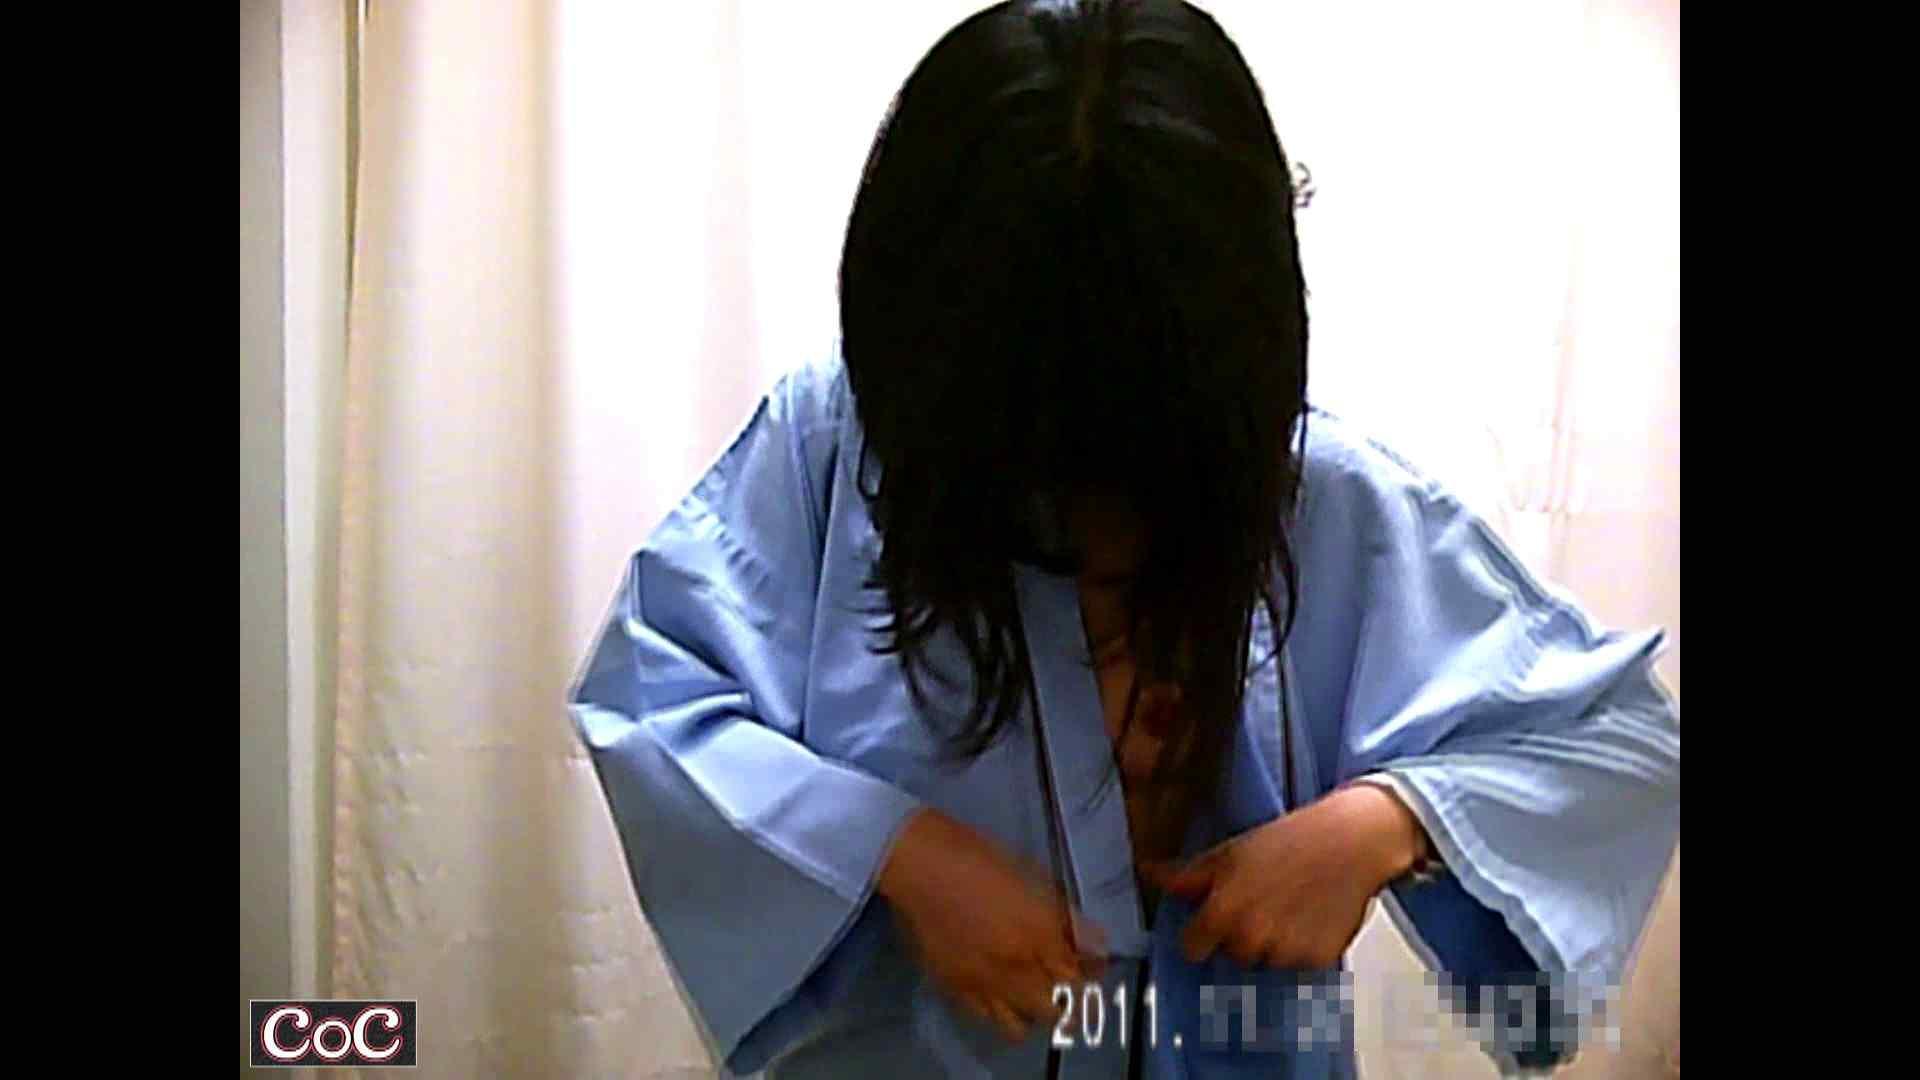 元医者による反抗 更衣室地獄絵巻 vol.214 OLハメ撮り  37Pix 6